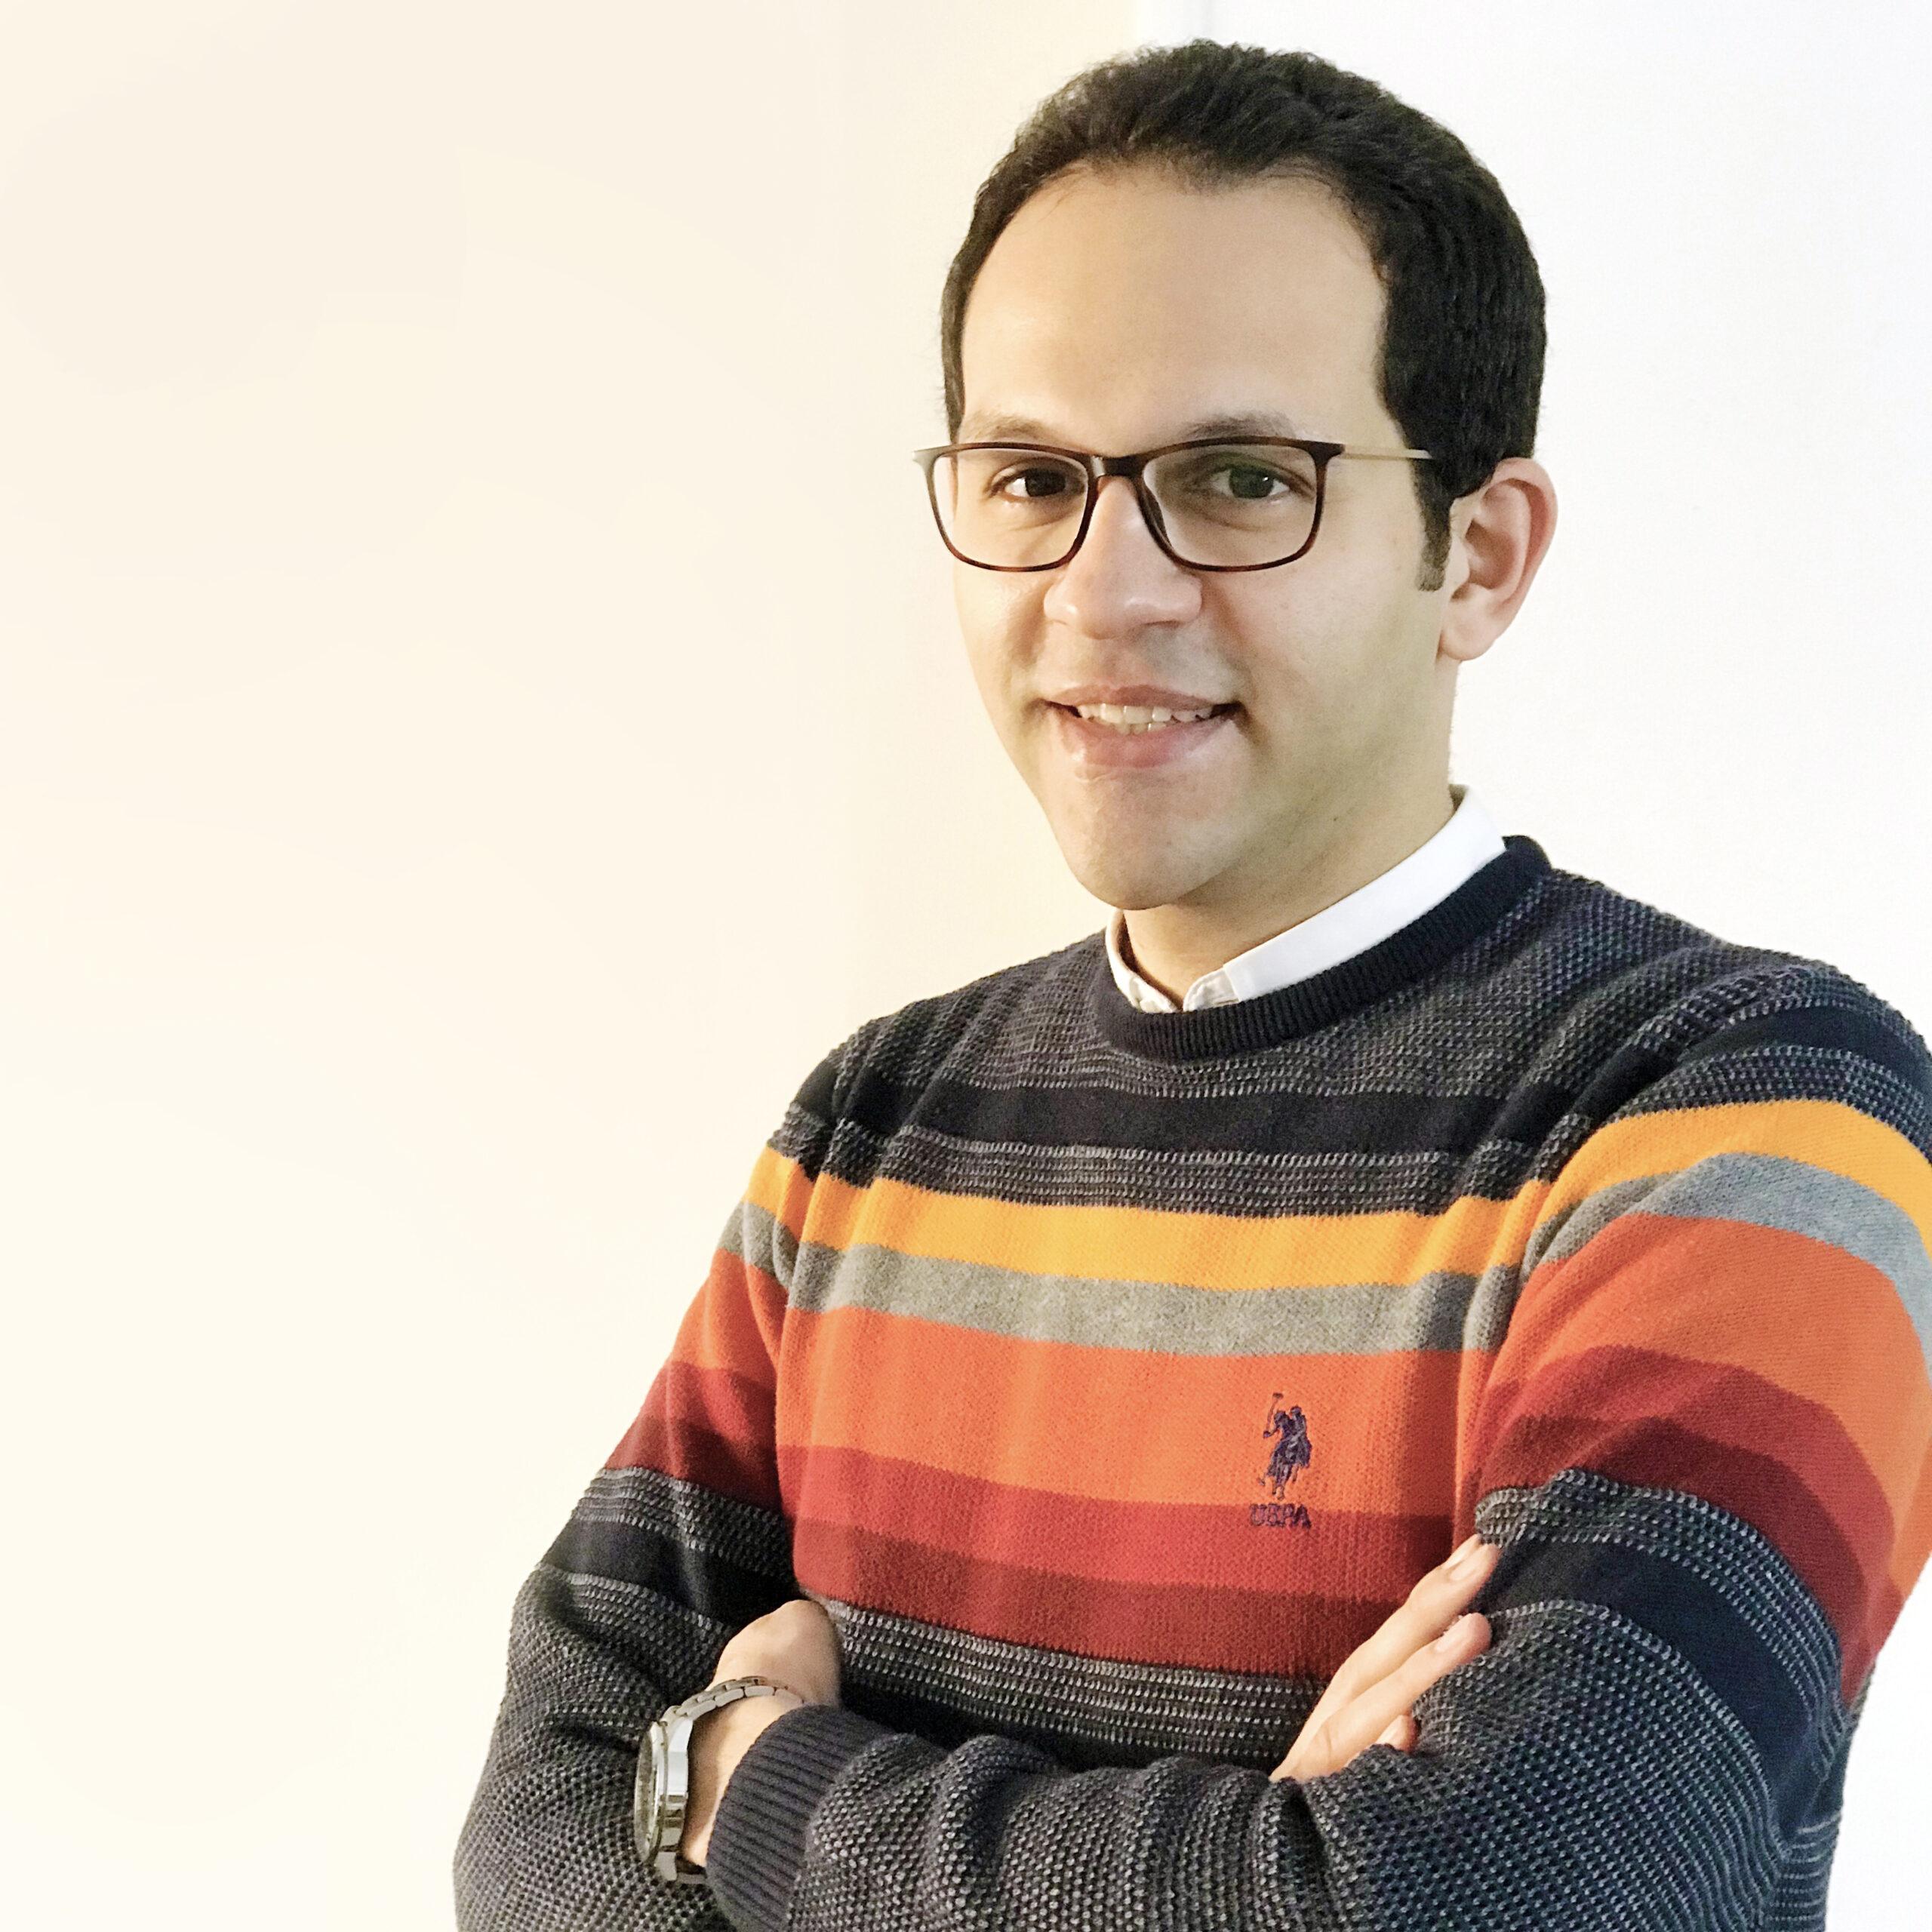 Mohamed Magdi Hagras